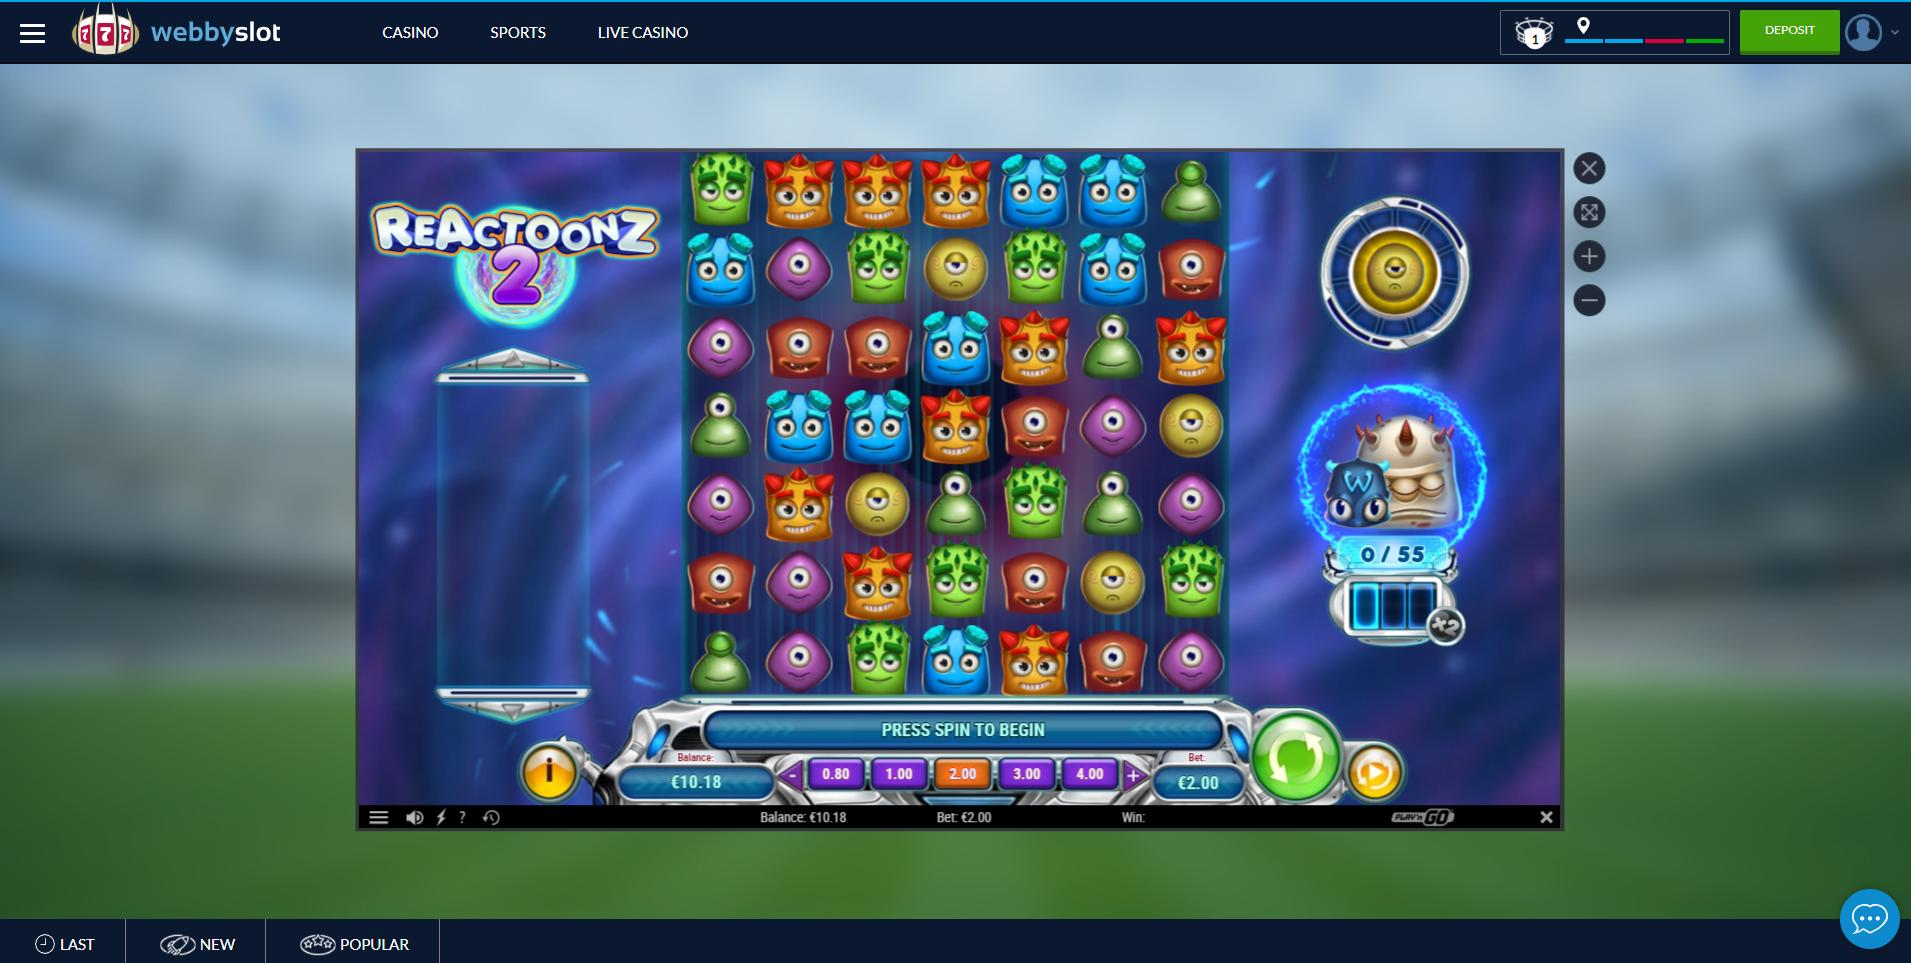 reactoonz 2 play n go webbyslot lošimo automatas